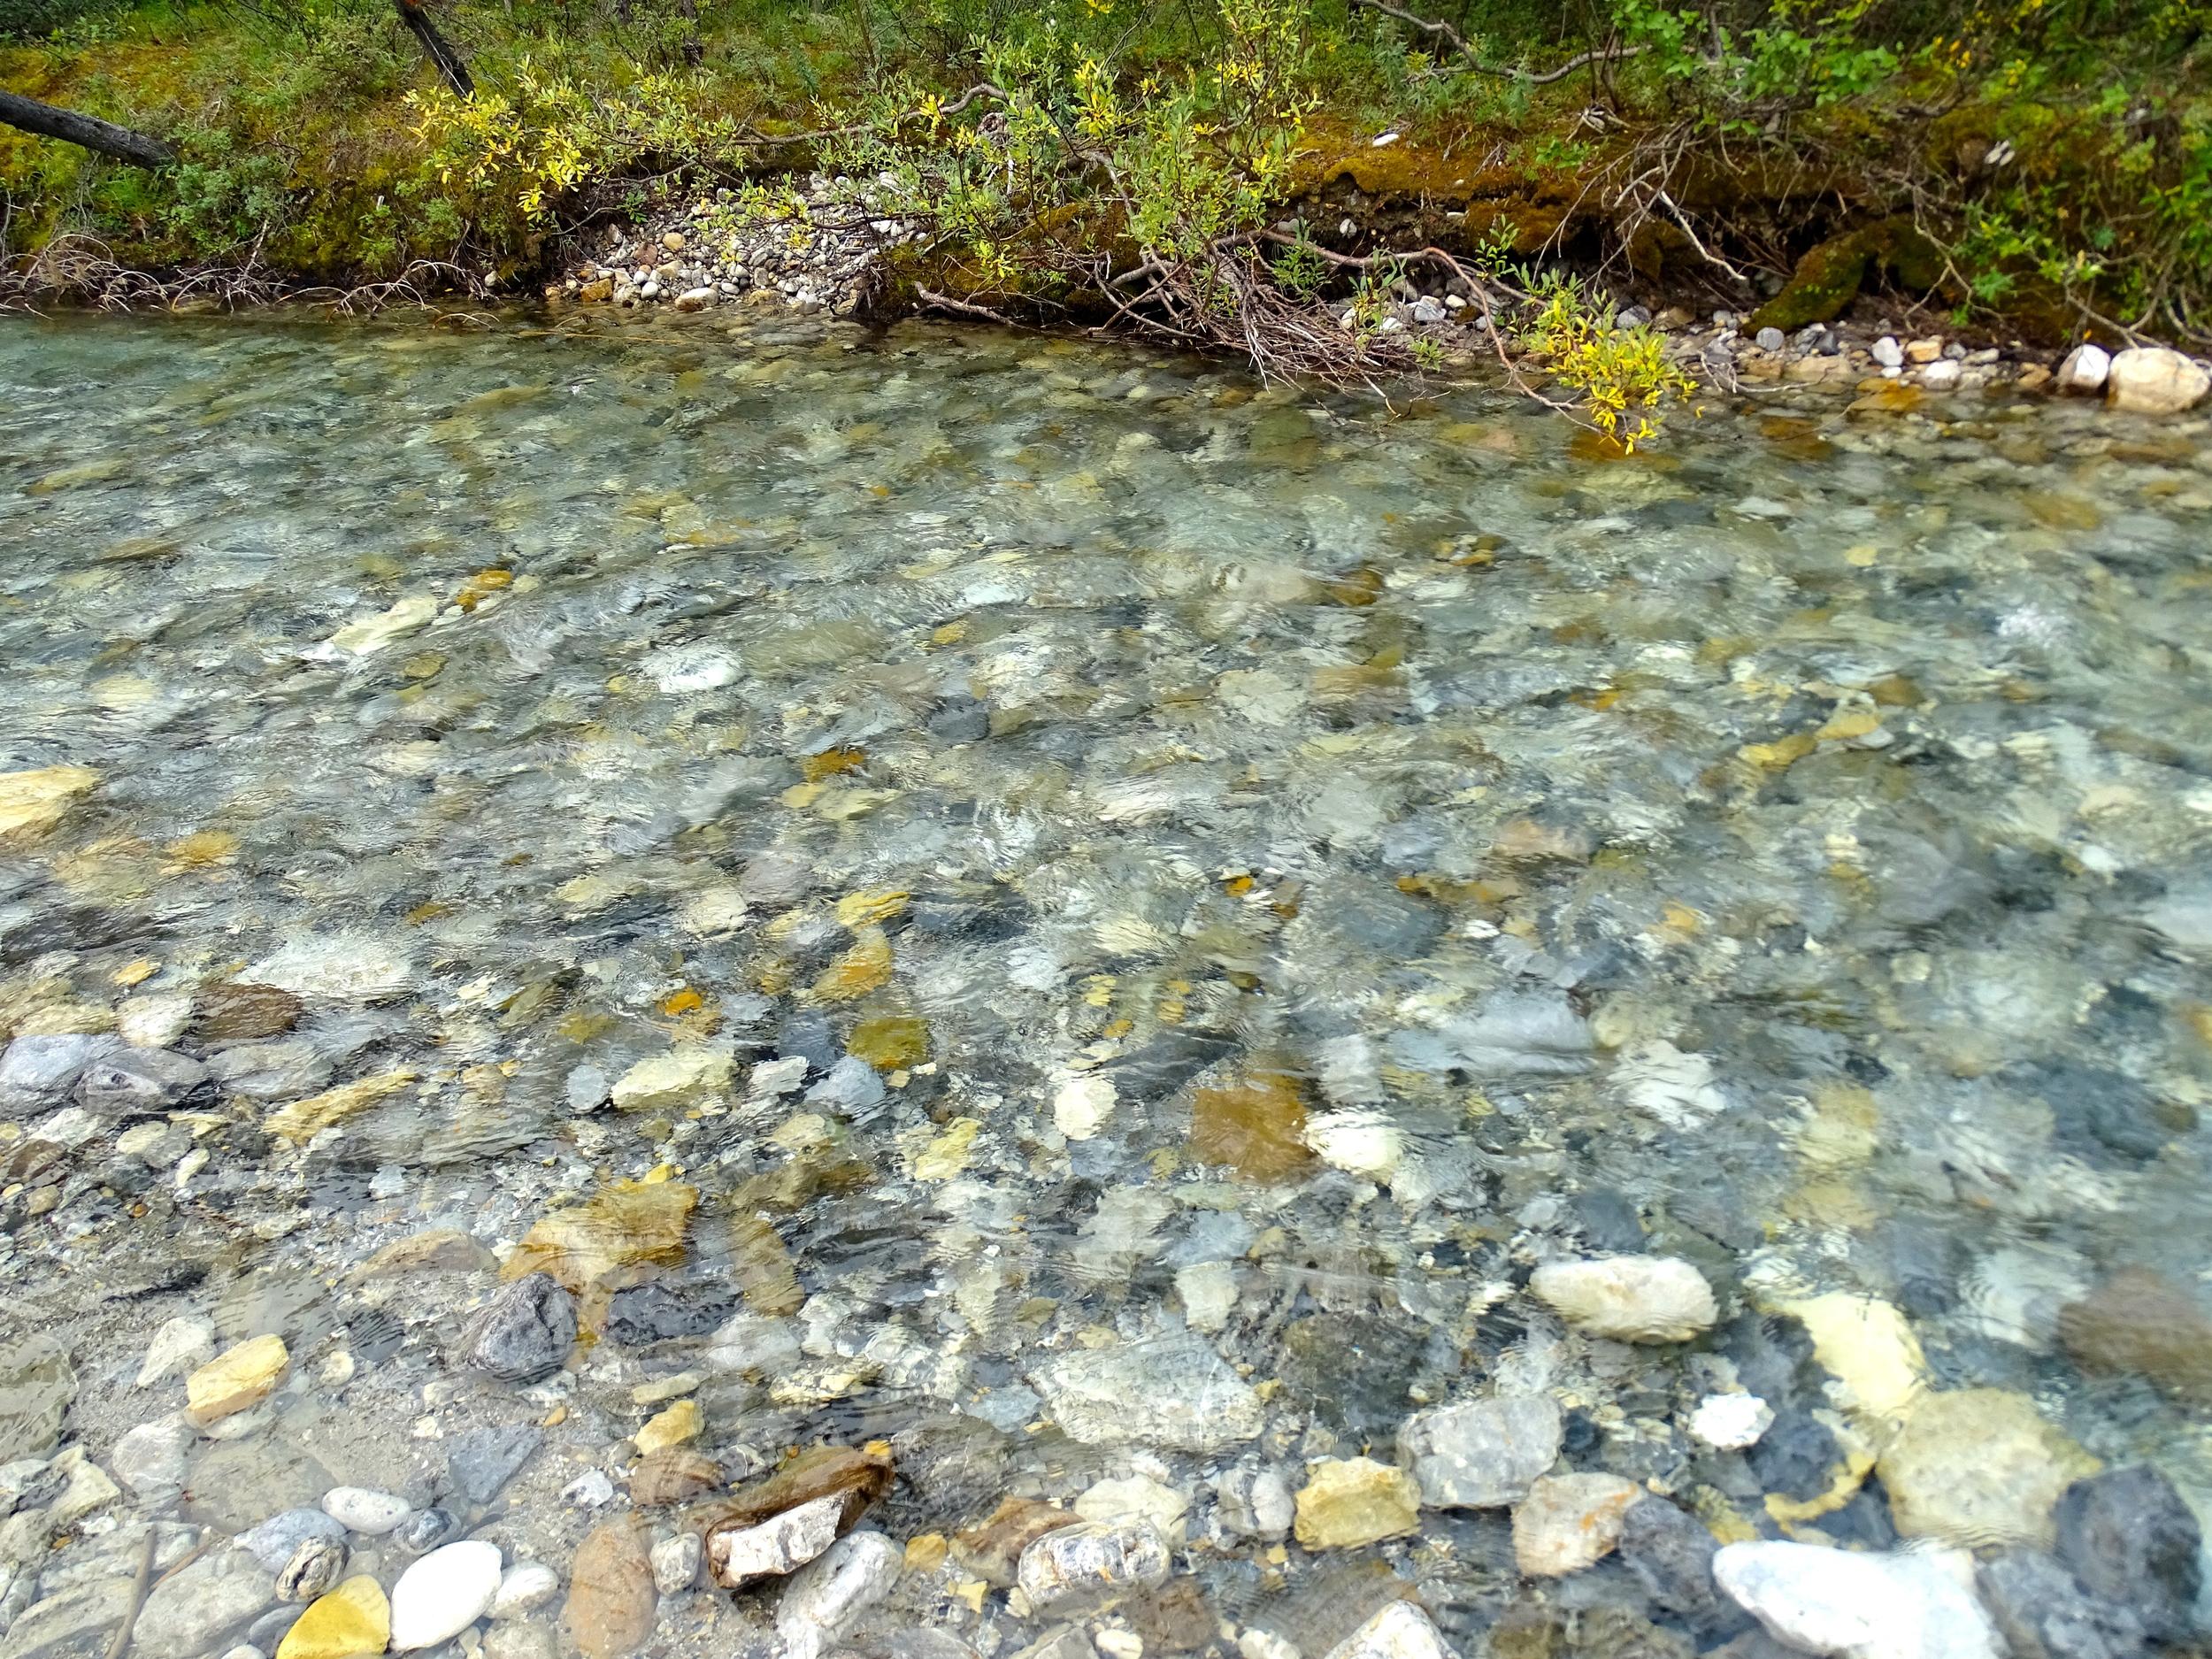 Unbelievably Clear Water